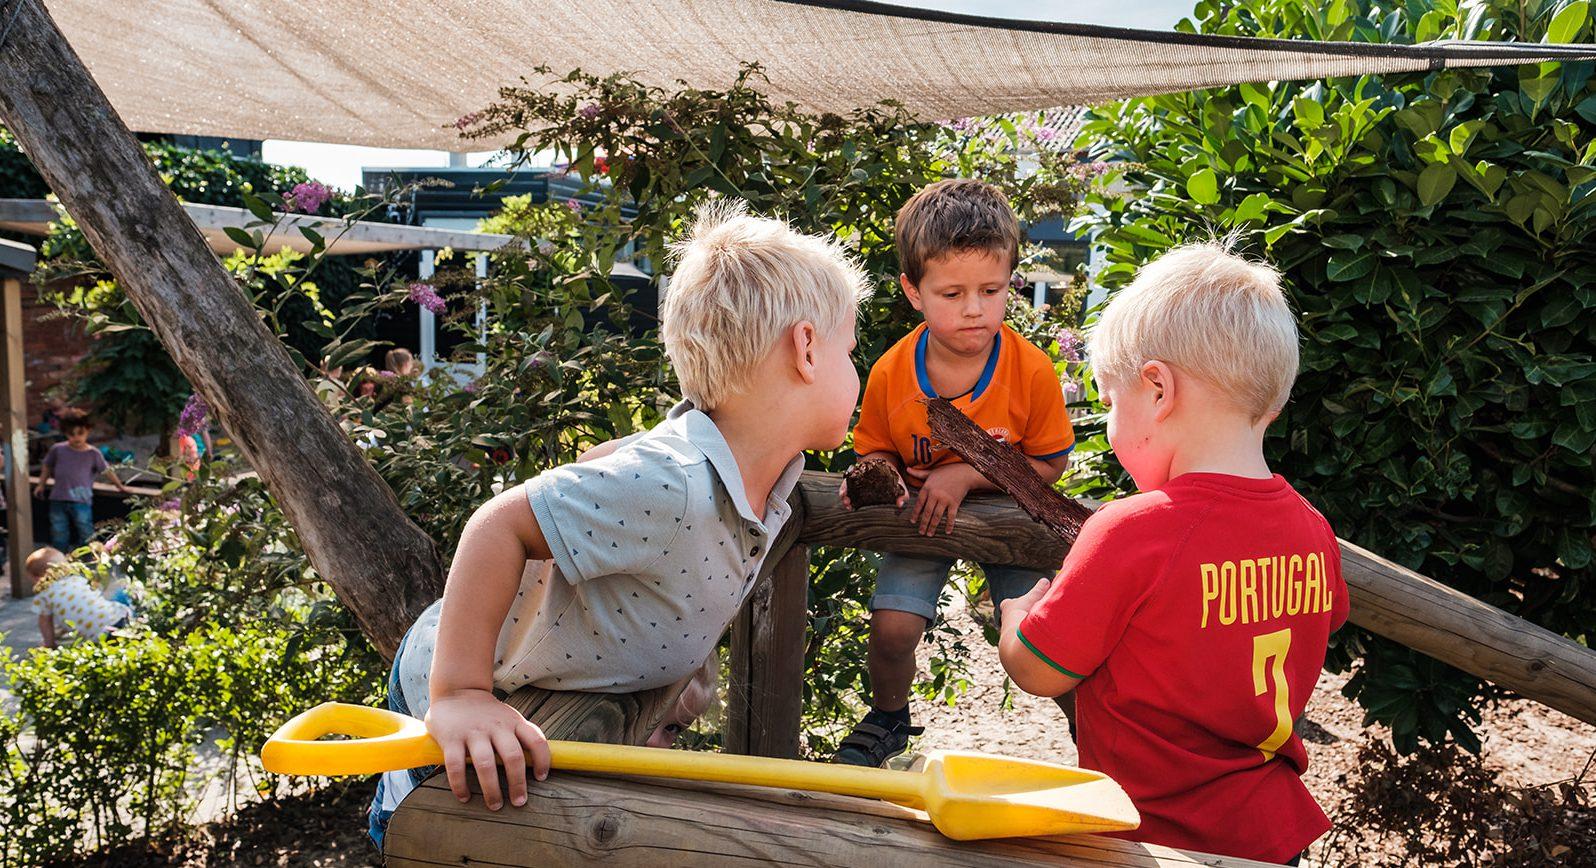 Villa Yip Kinderdagverblijf is een eigentijdse kinderopvangorganisatie. Onze sfeervolle kindervilla vind je in Veldhoven.